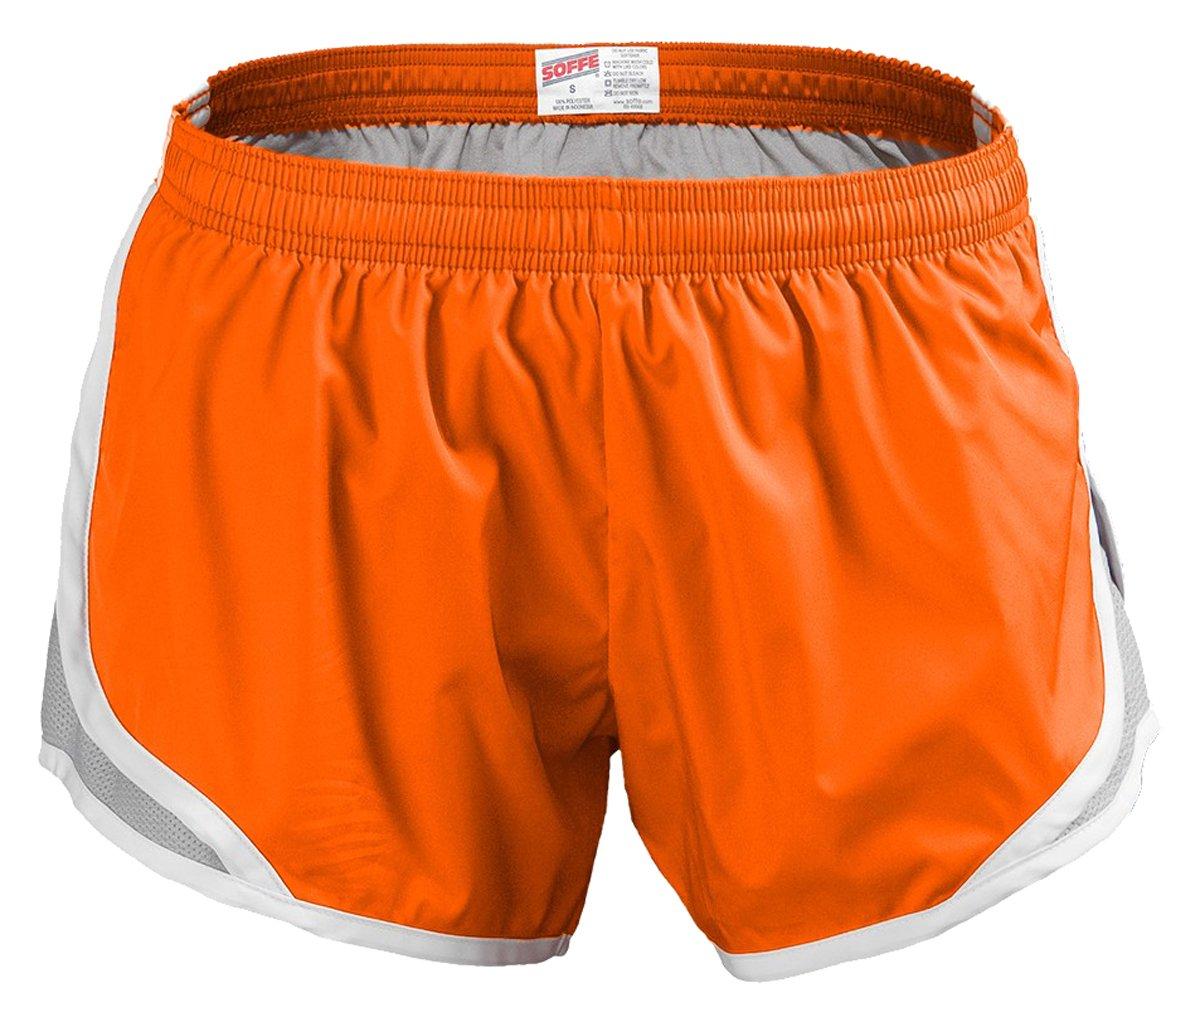 Soffe MJ Big Girls' GRL Team Shorty Short Poly, Orange/Silver, Medium